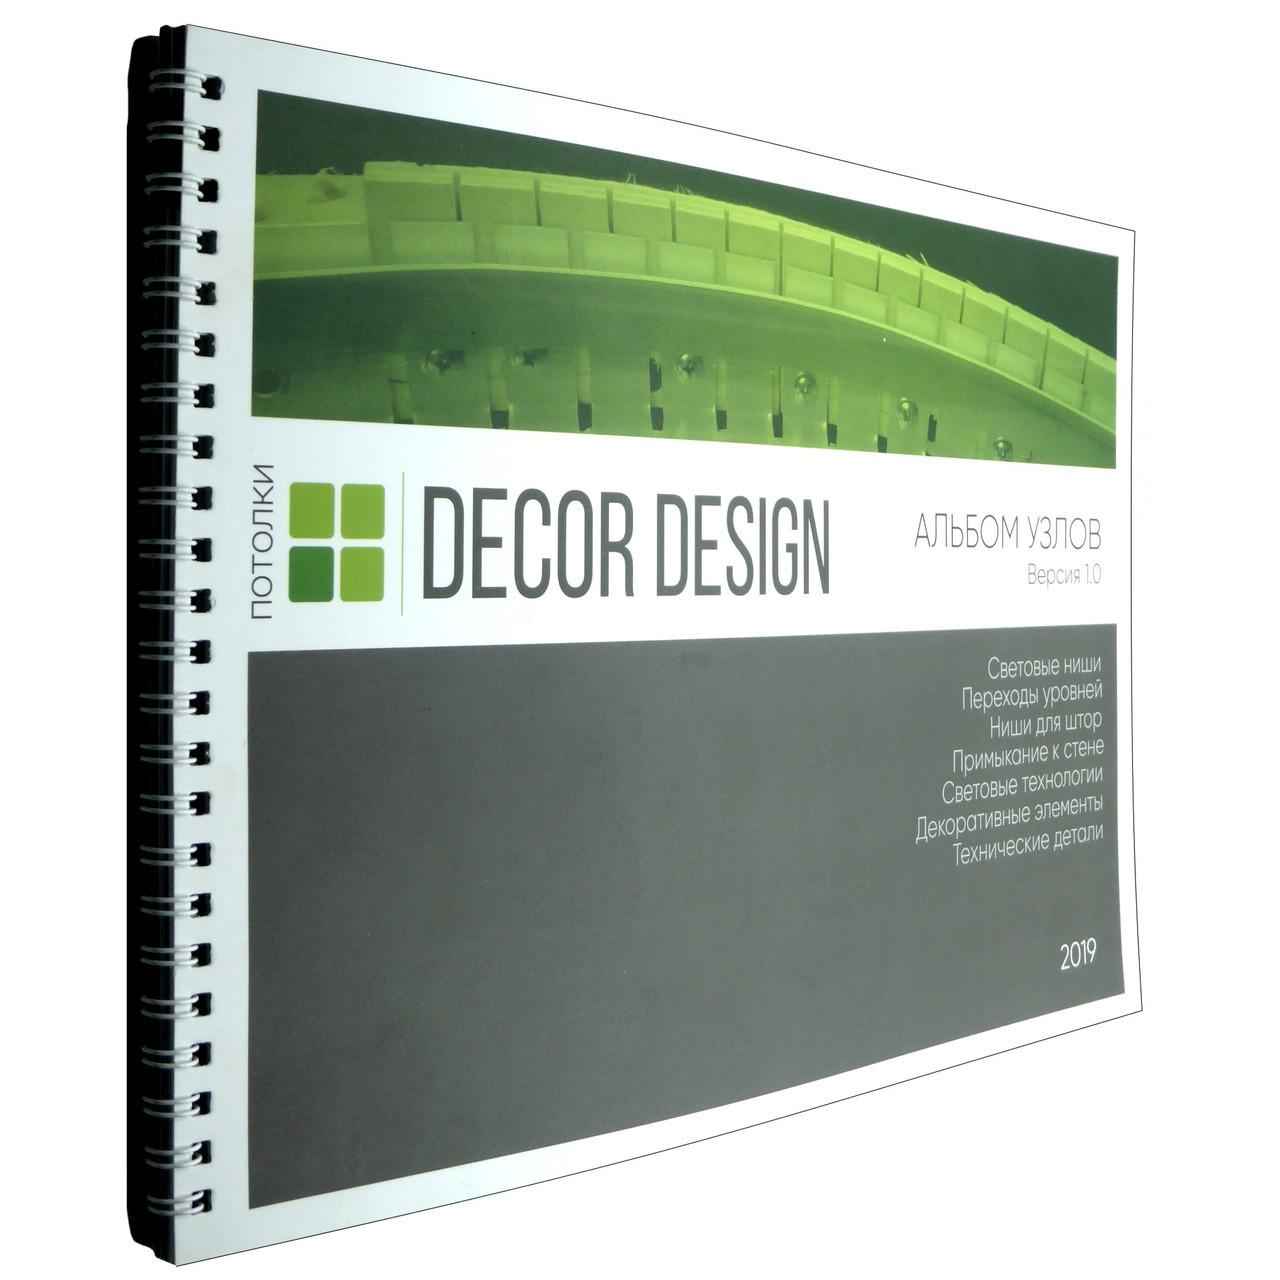 Промо материал. Альбом узлов натяжных потолков от компании Decor Design